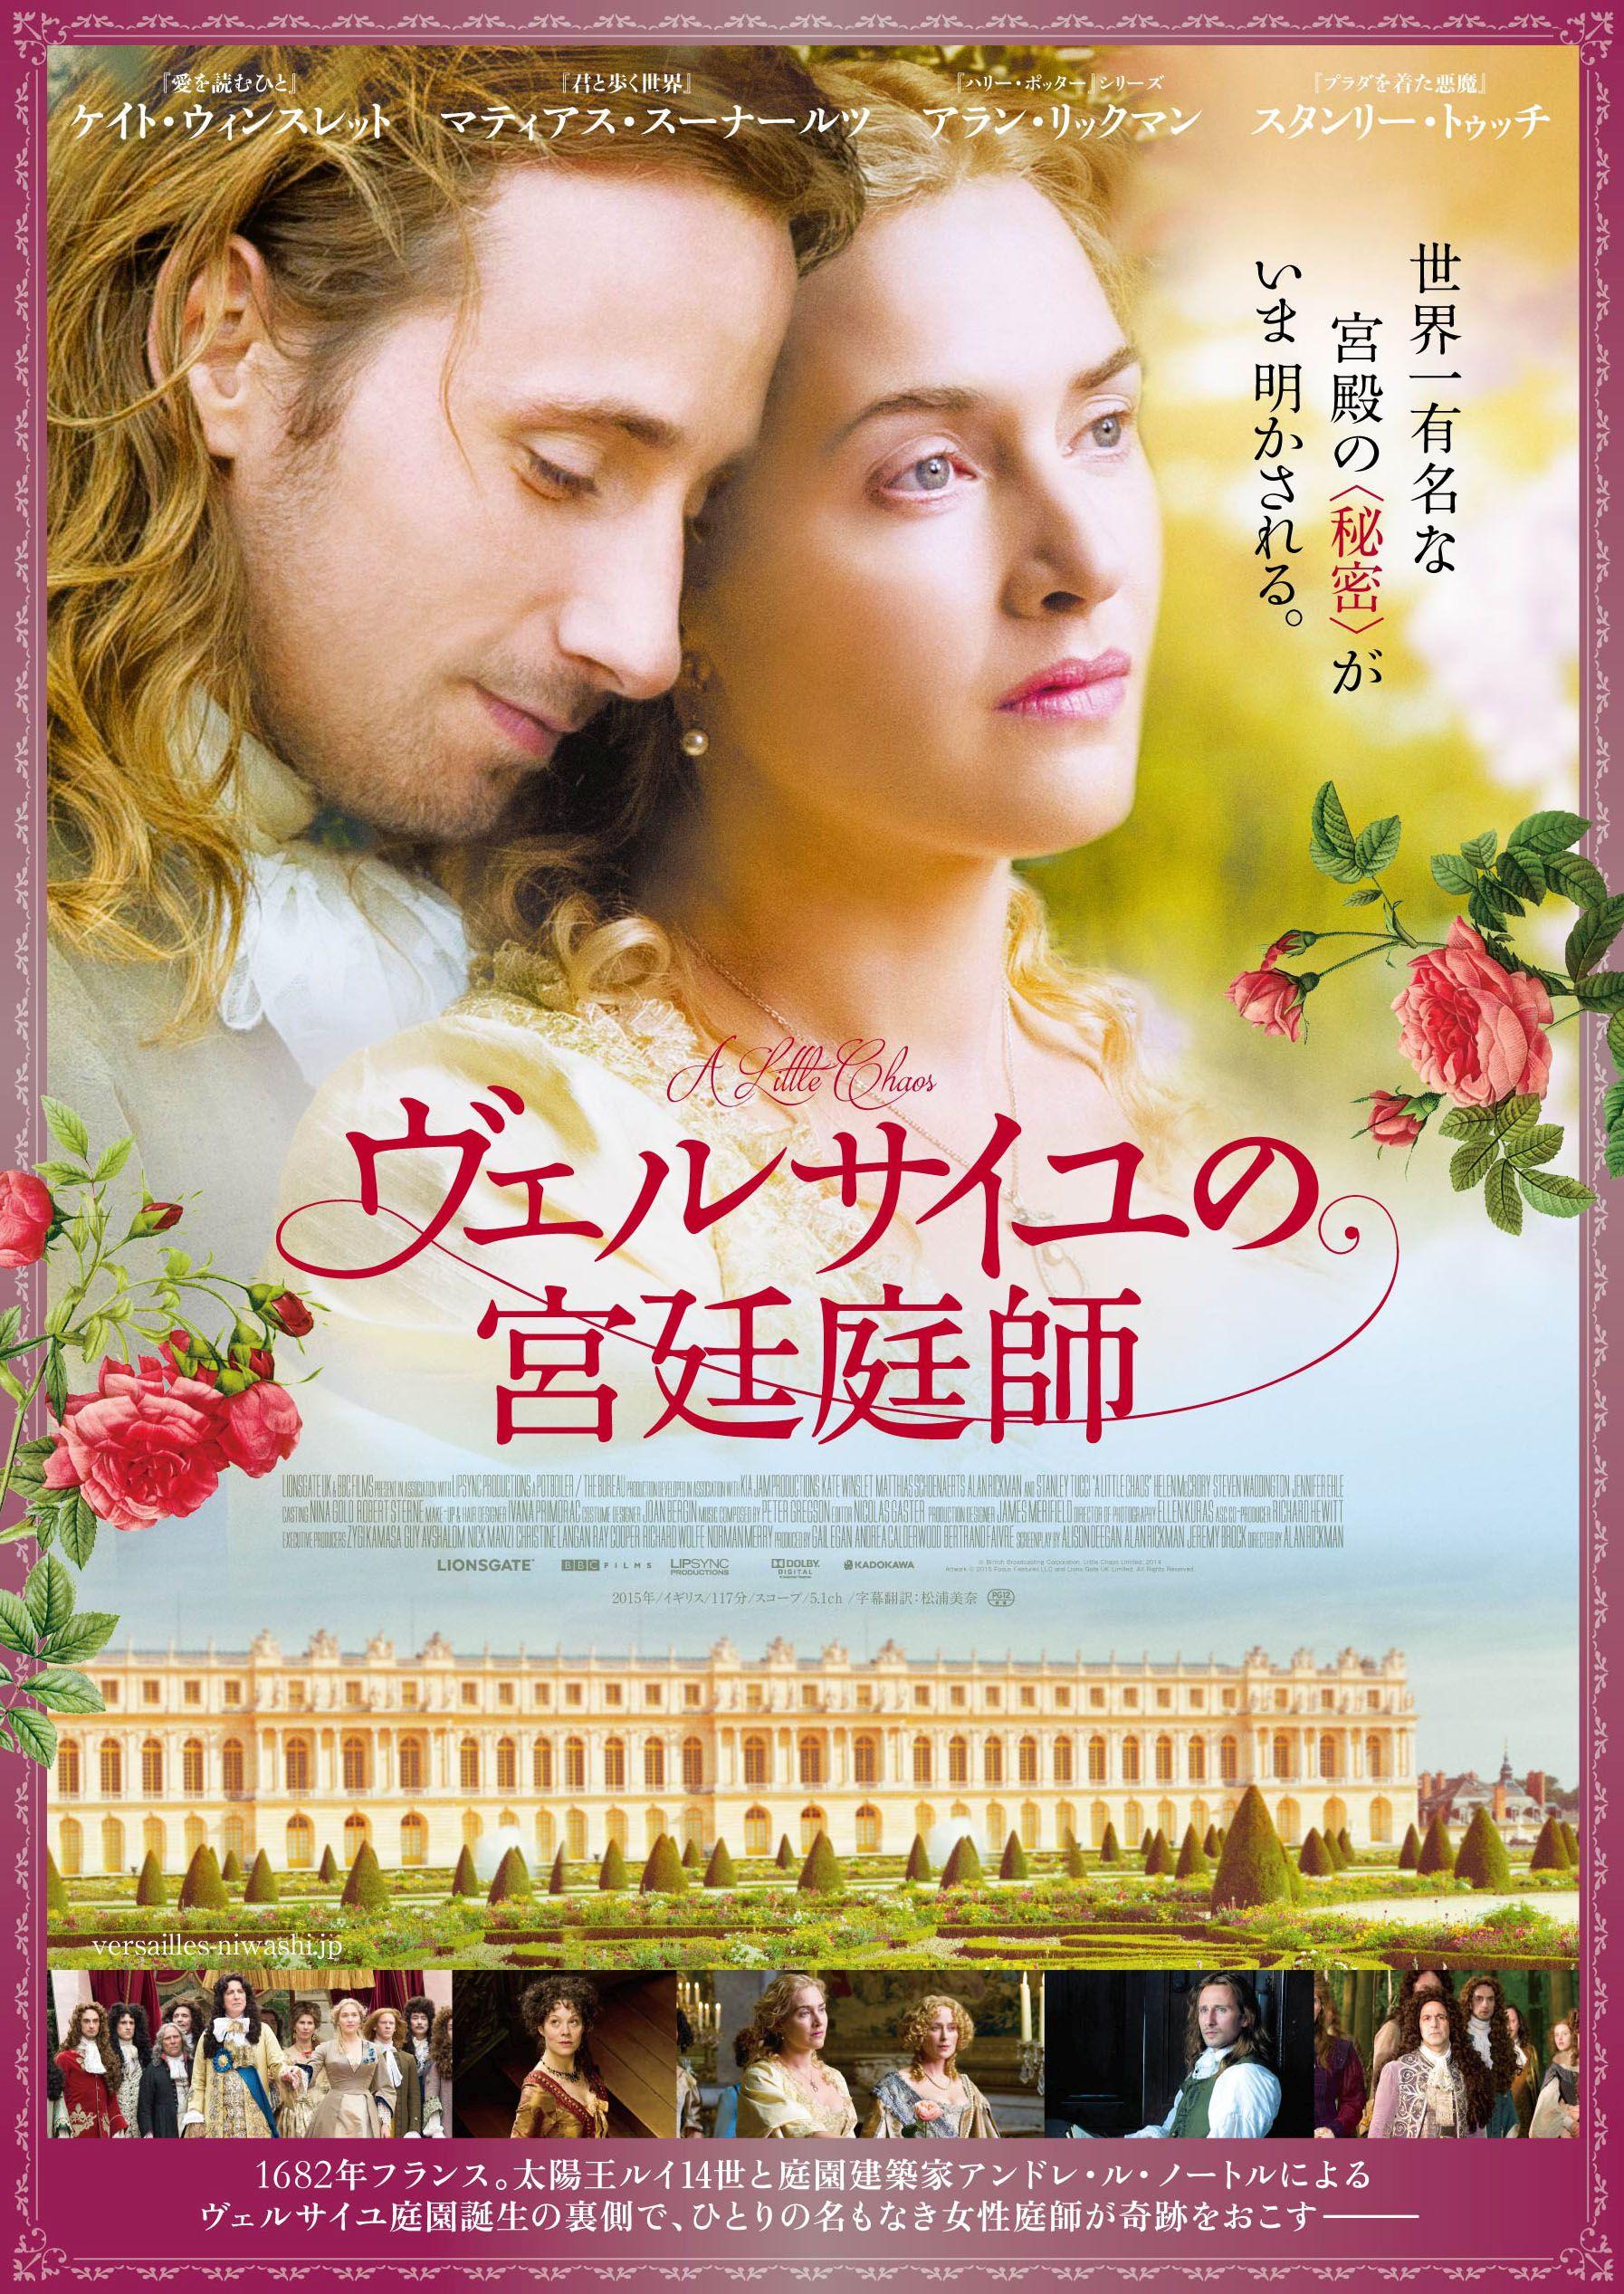 宝塚ファンは絶対観るべき!映画『ヴェルサイユの宮廷庭師』って?